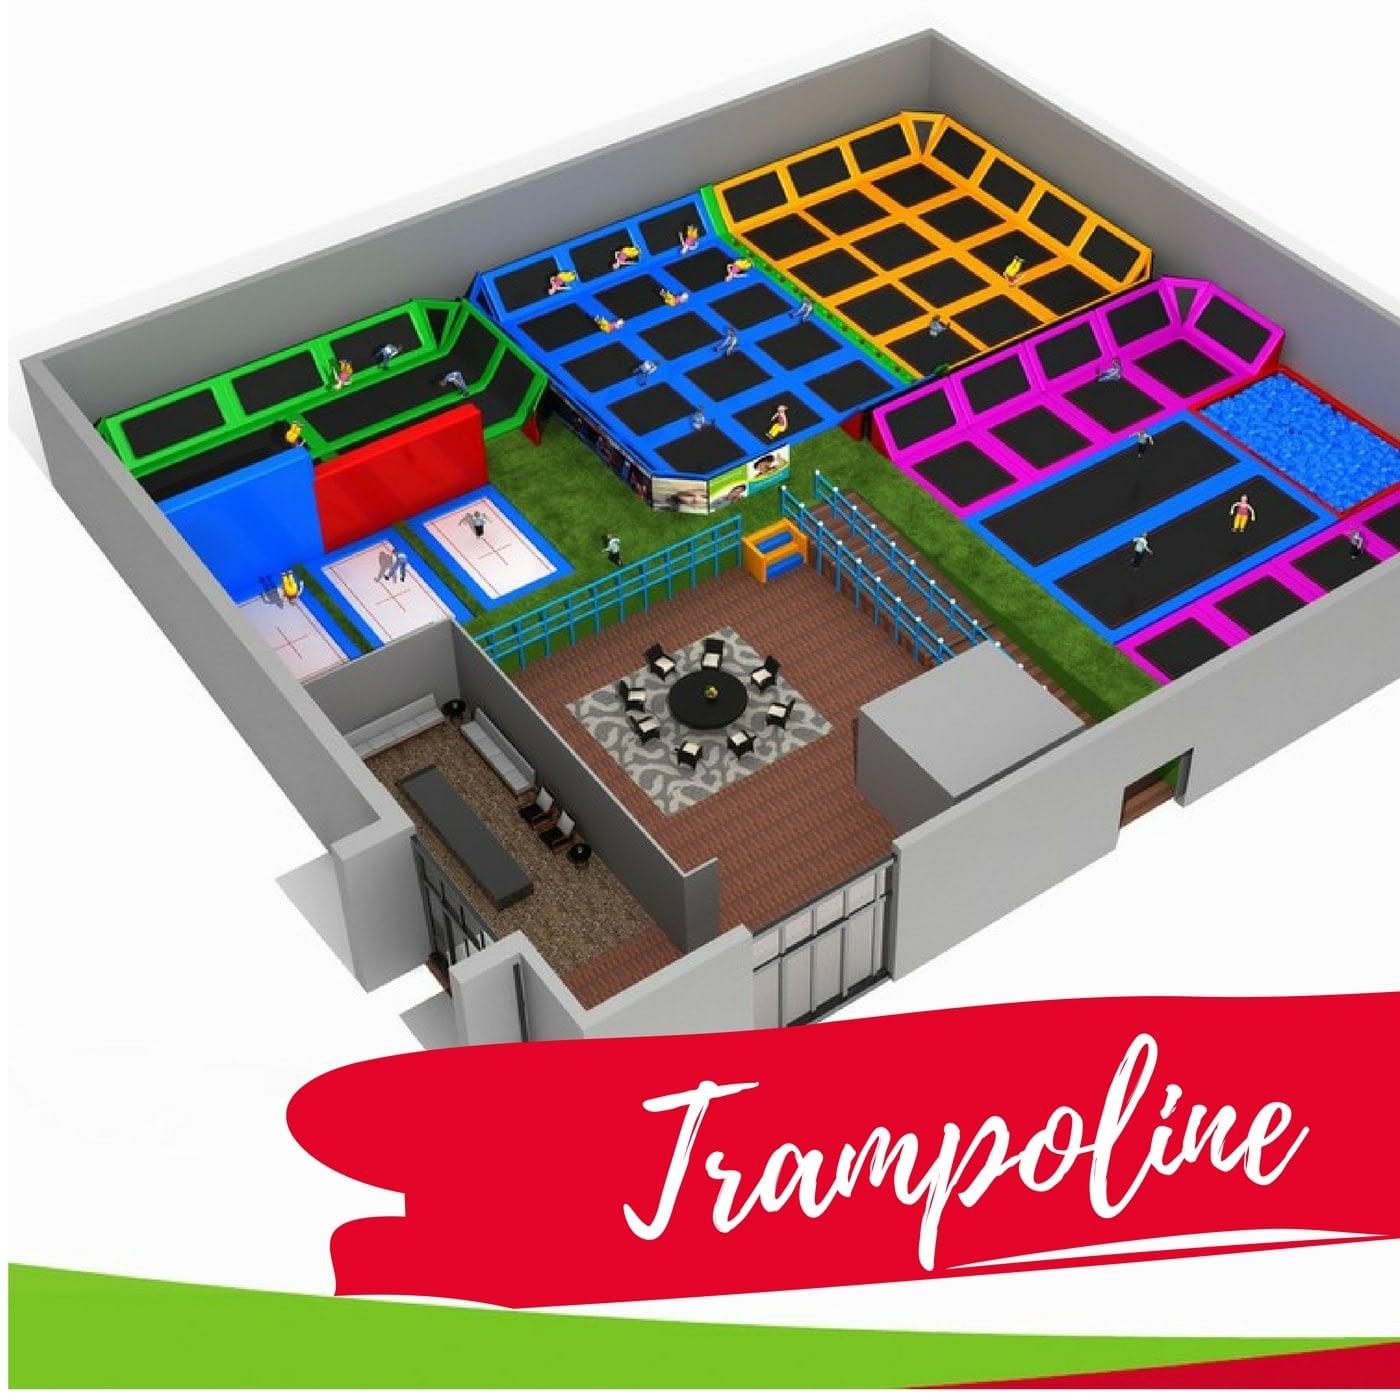 Mau trampoline